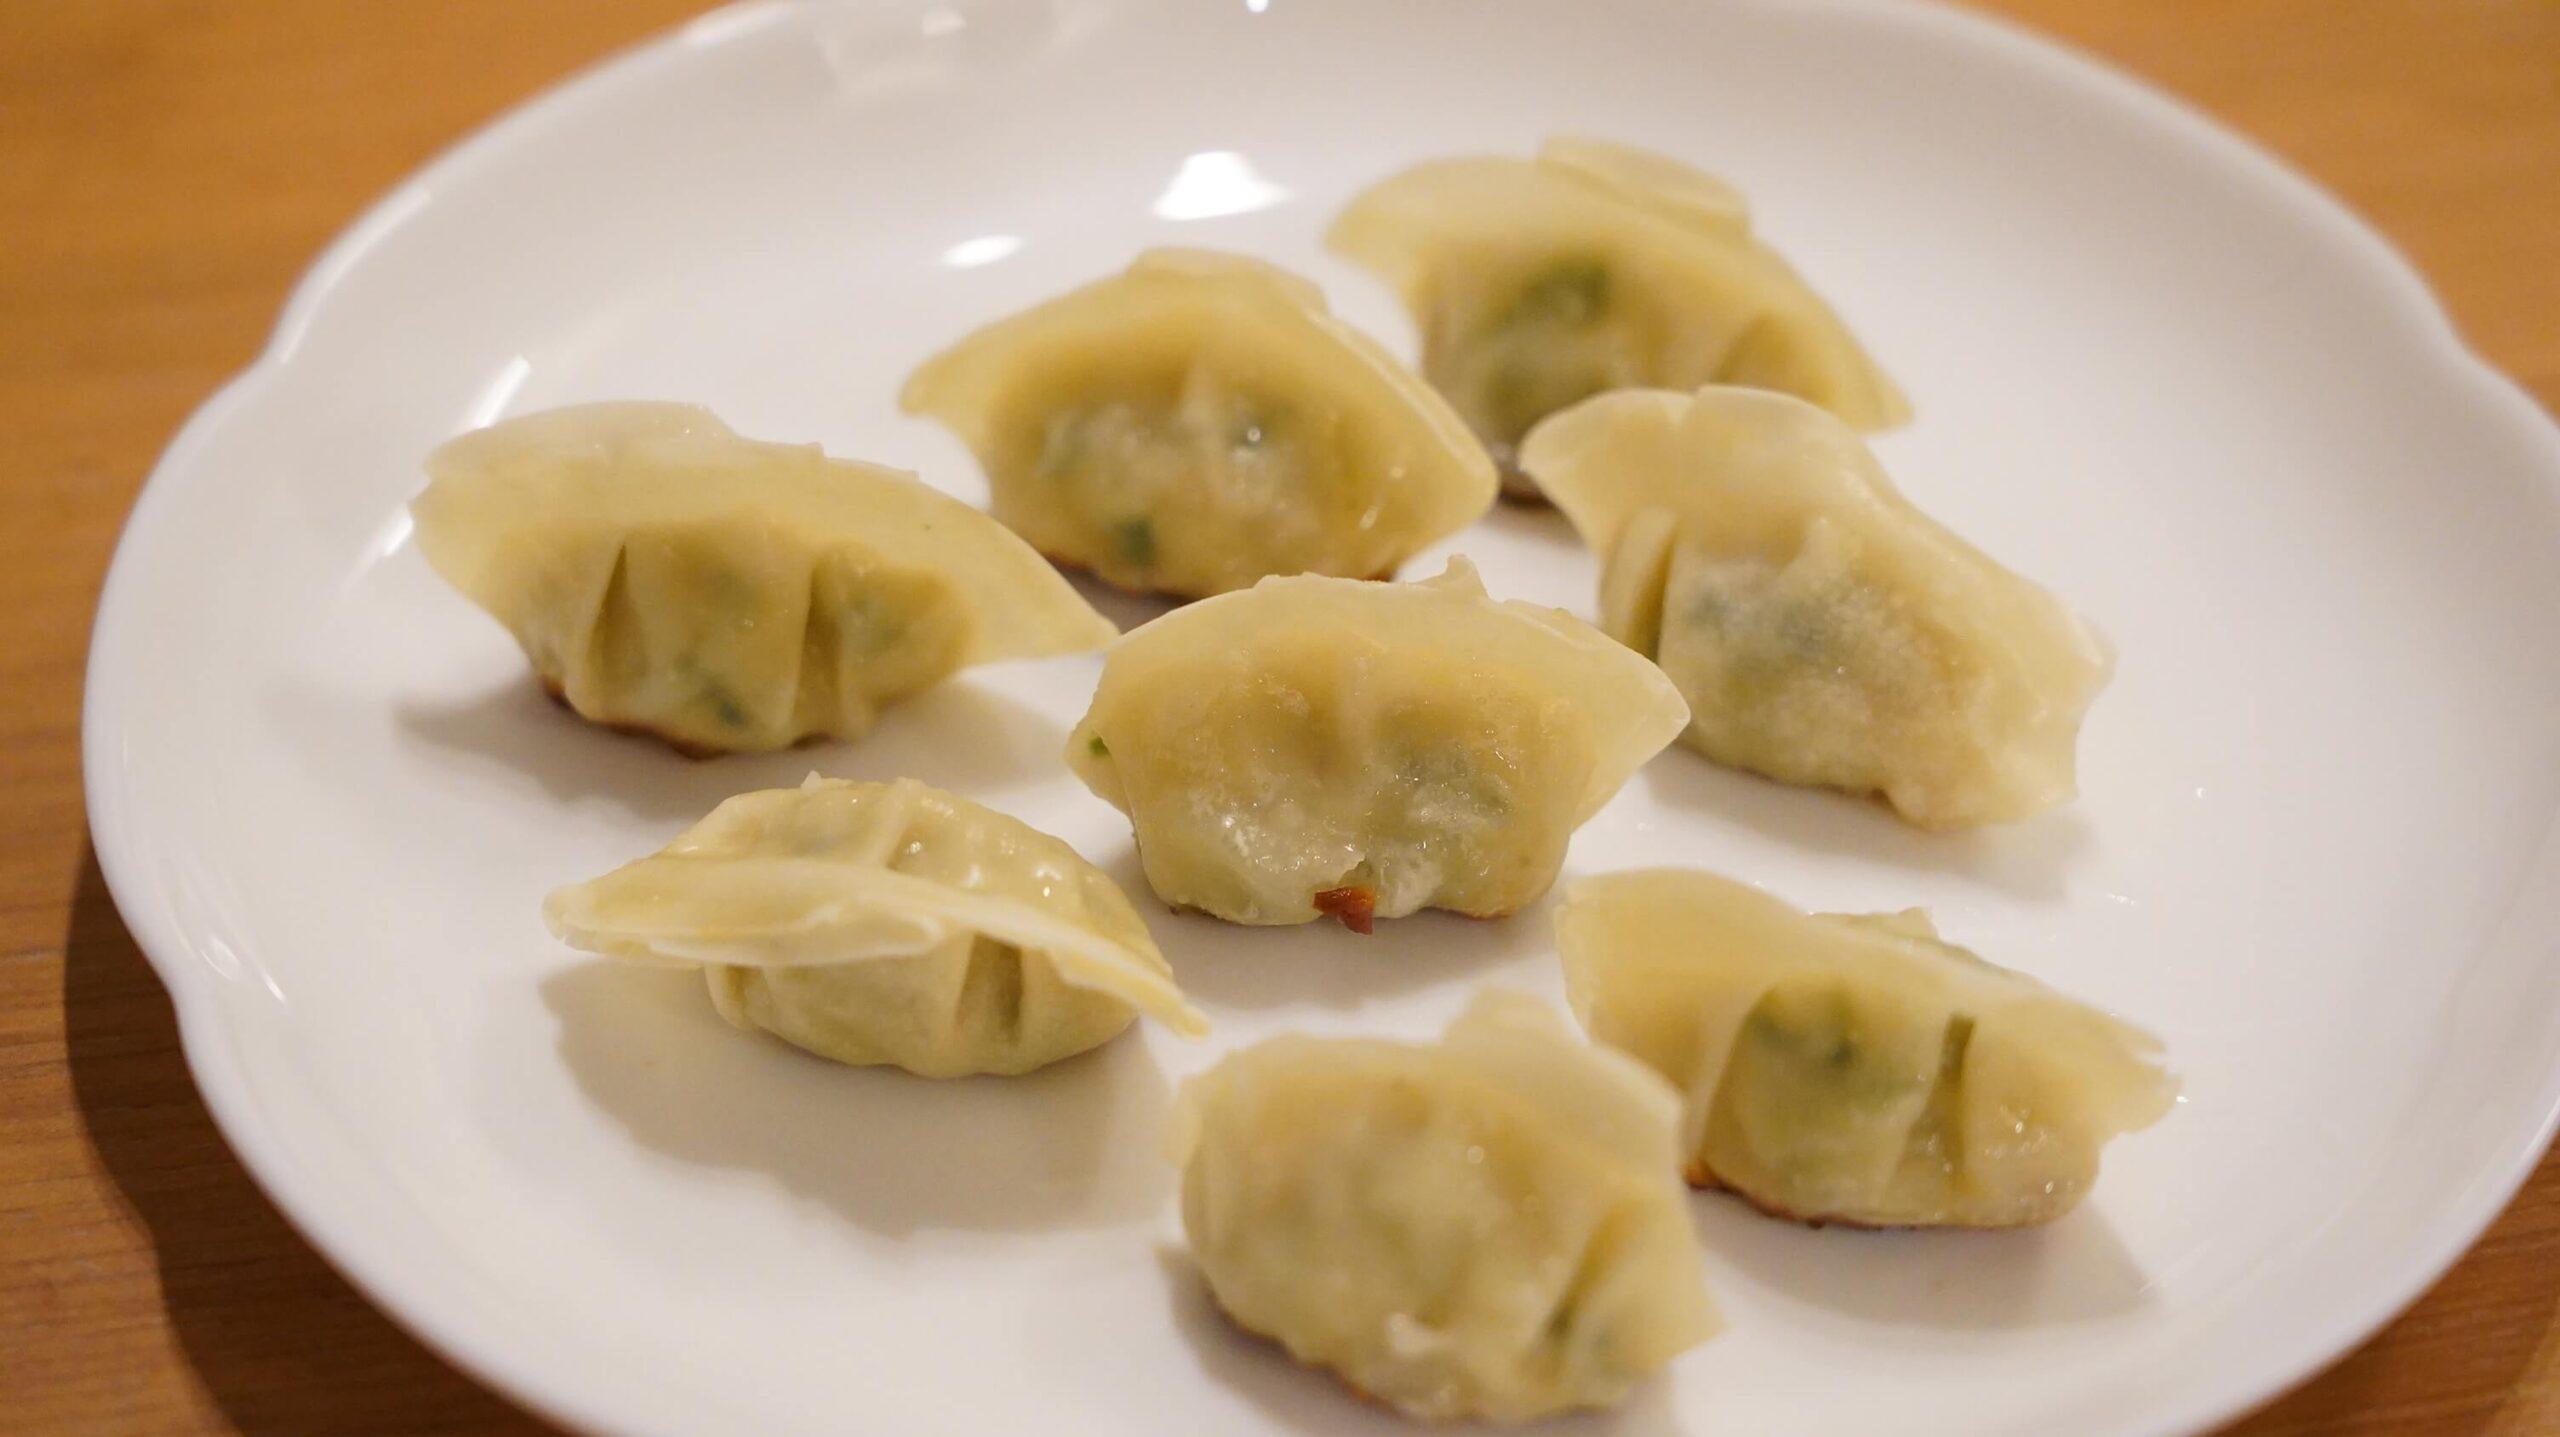 コストコの冷凍食品「ビビゴ 水餃子」を皿に盛り付けた写真